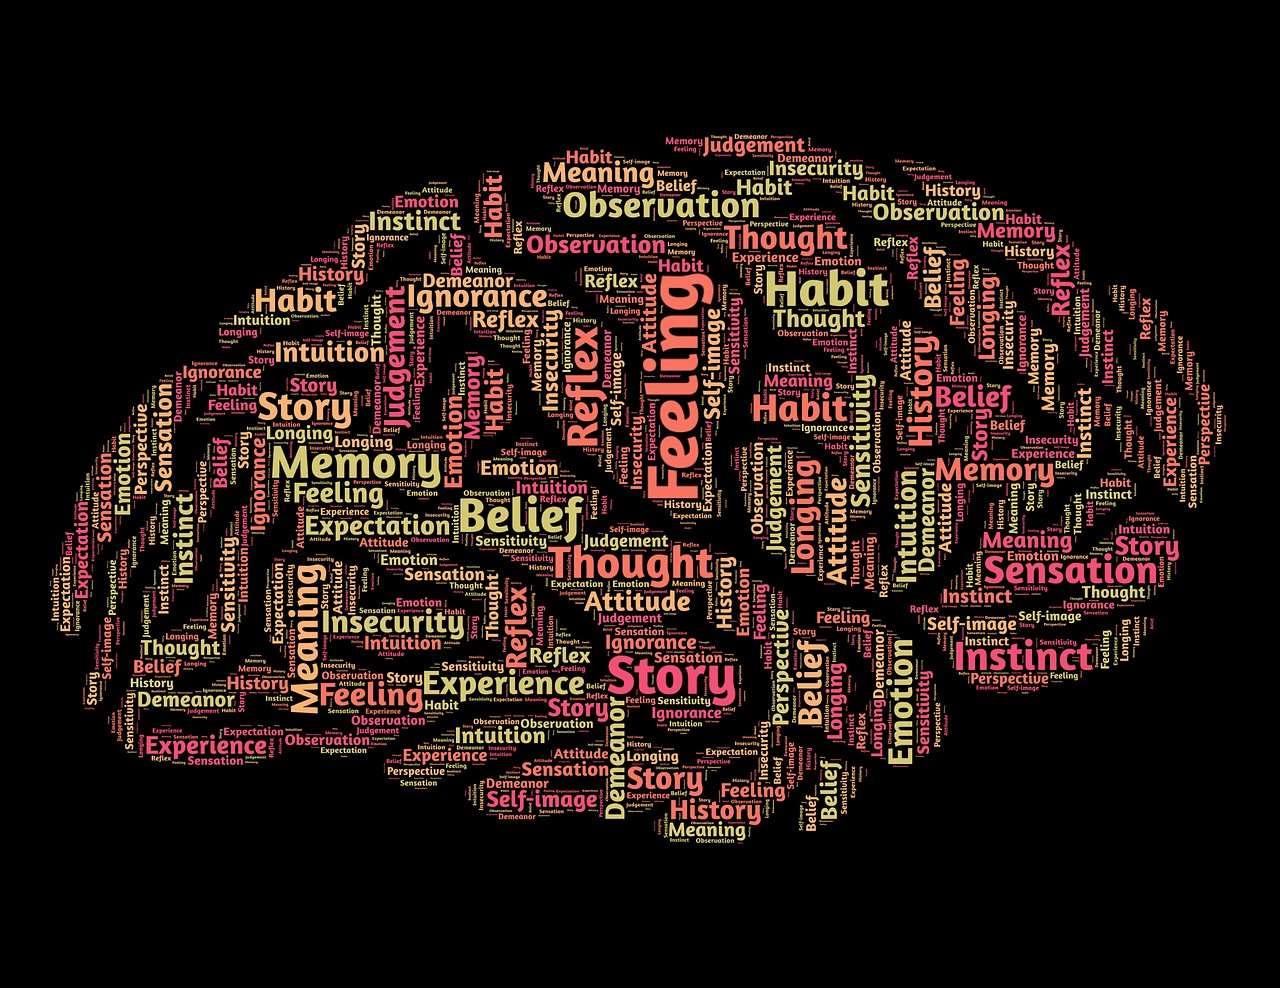 On sait depuis plusieurs années que l'on peut reconnaître des mots à partir de signaux cérébraux. Une équipe du Karlsruhe Institute of Technology (Allemagne) et du Wadsworth Center (États-Unis) est allée plus loin en parvenant à décoder et restituer des phrases complètes pensées en langage naturel. © Pixabay, DP